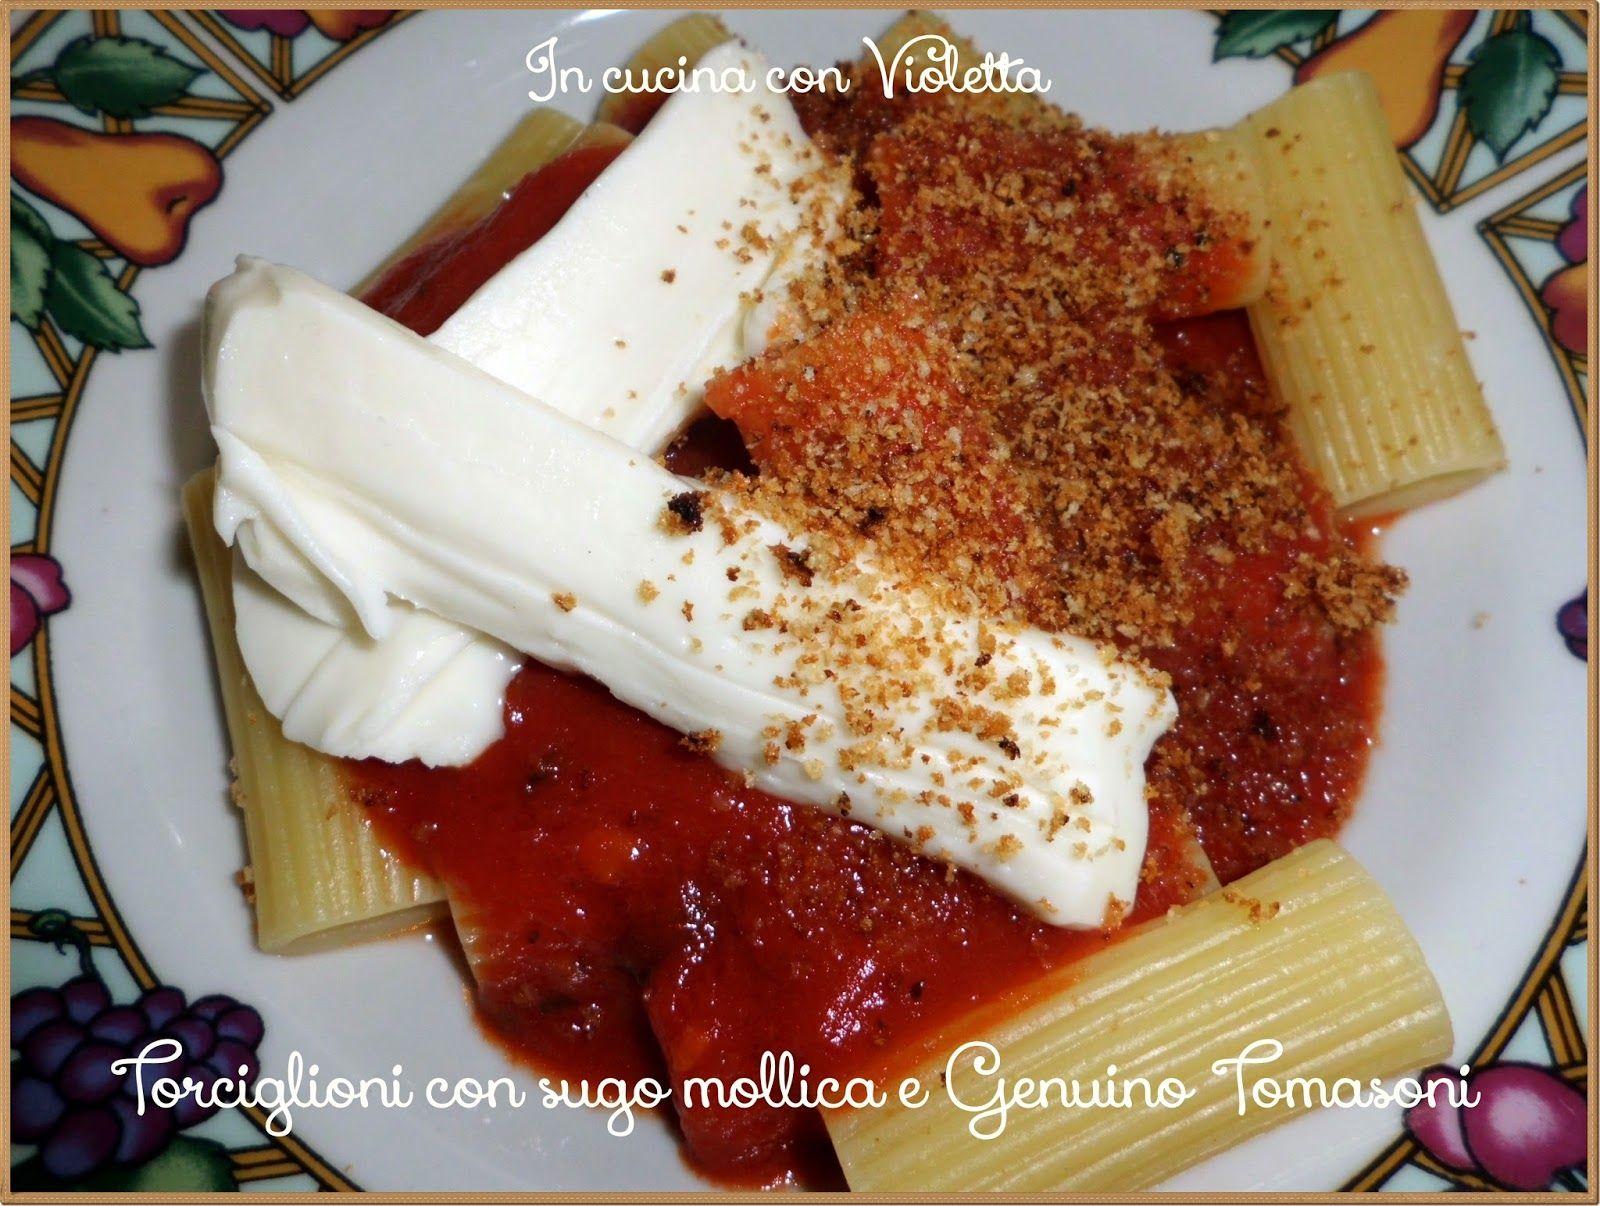 In Cucina Con Violetta: Torciglioni con sugo mollica e Genuino Tomasoni